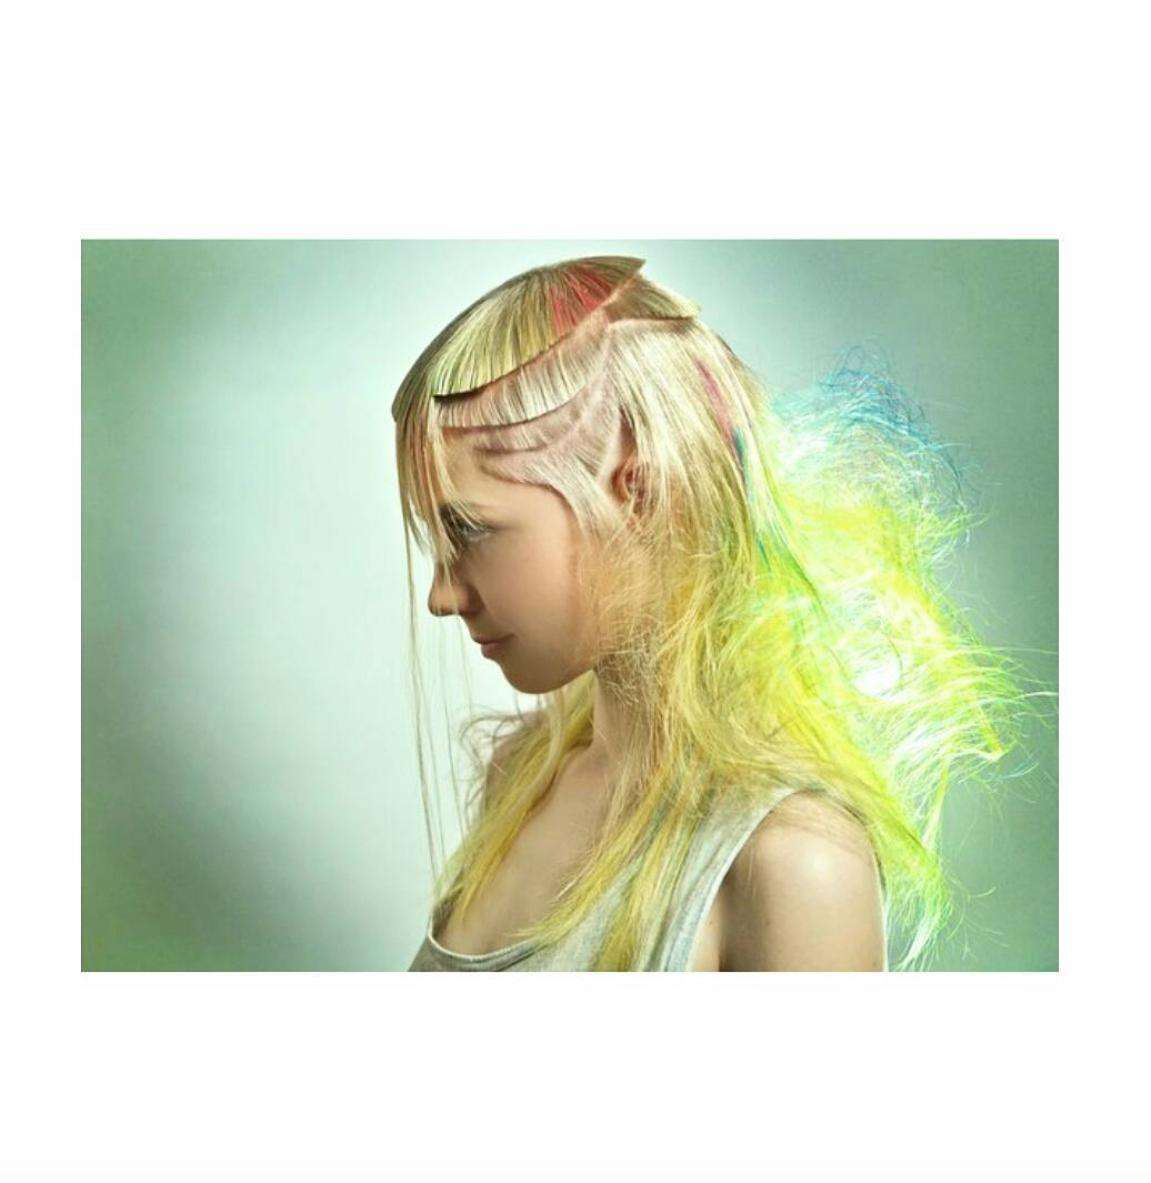 Weird hairstyle